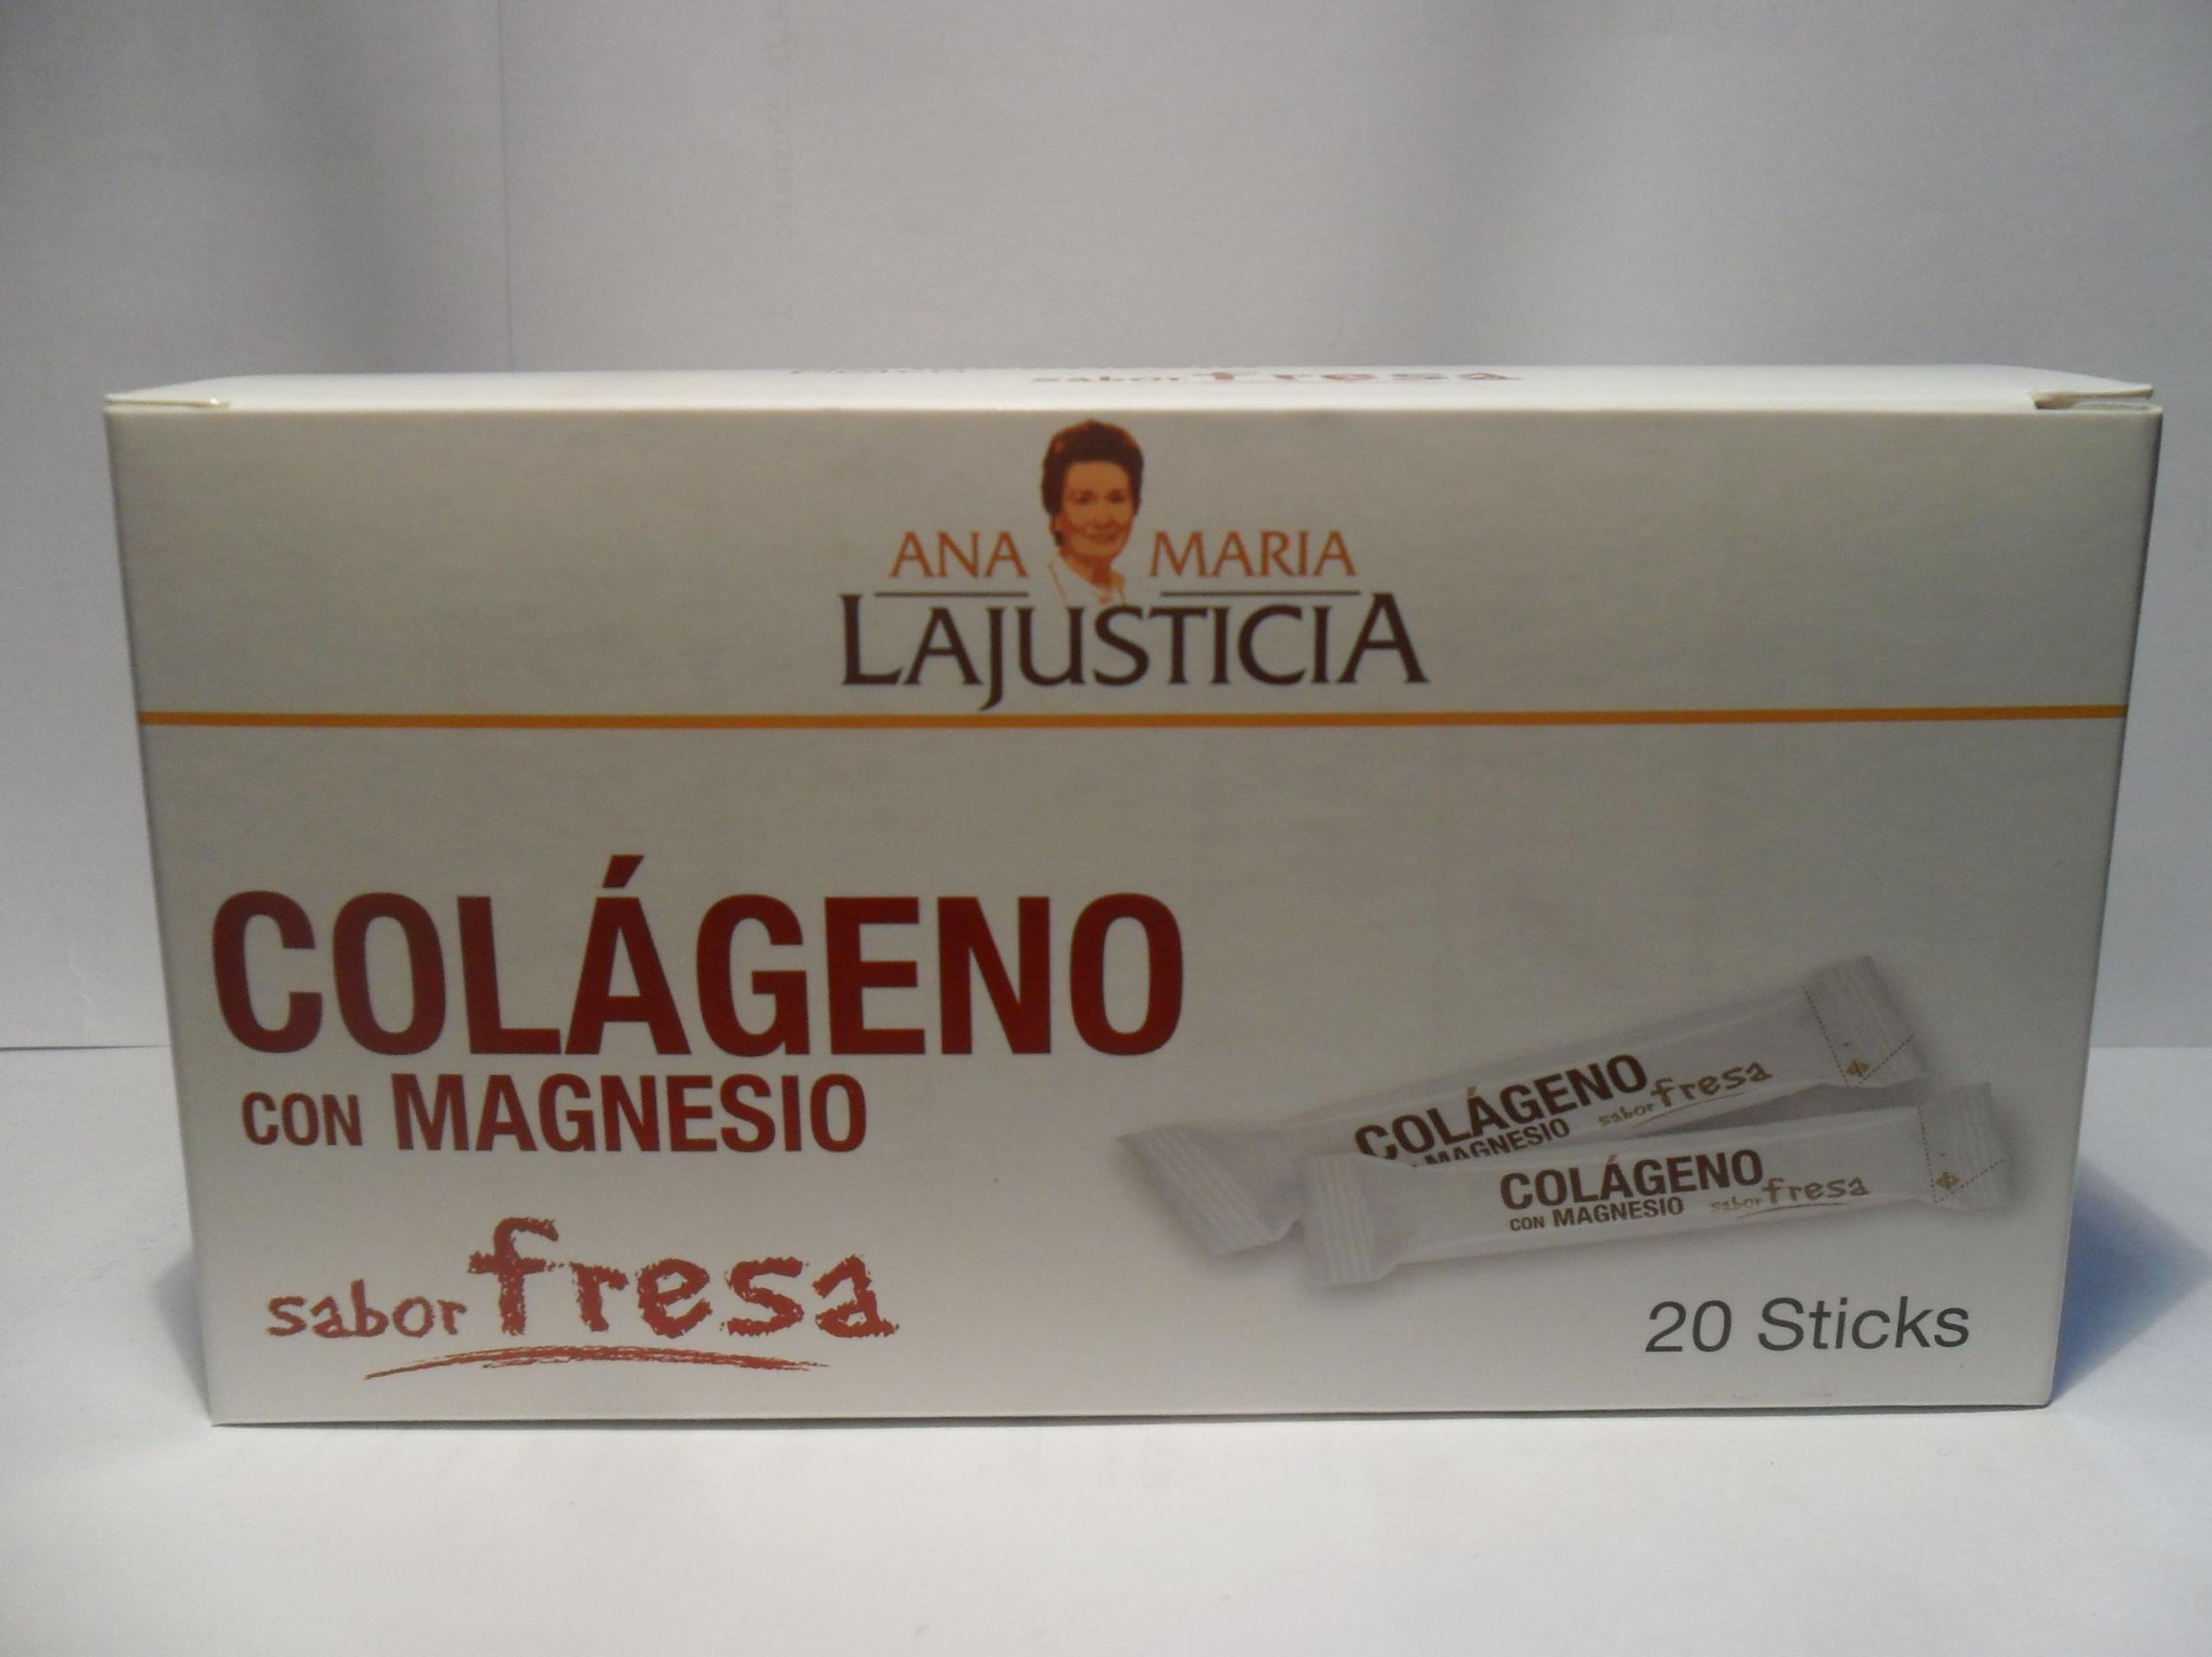 Colageno Stick Ana Maria La Justicia    : Catálogo de productos de Herbolario El Monte